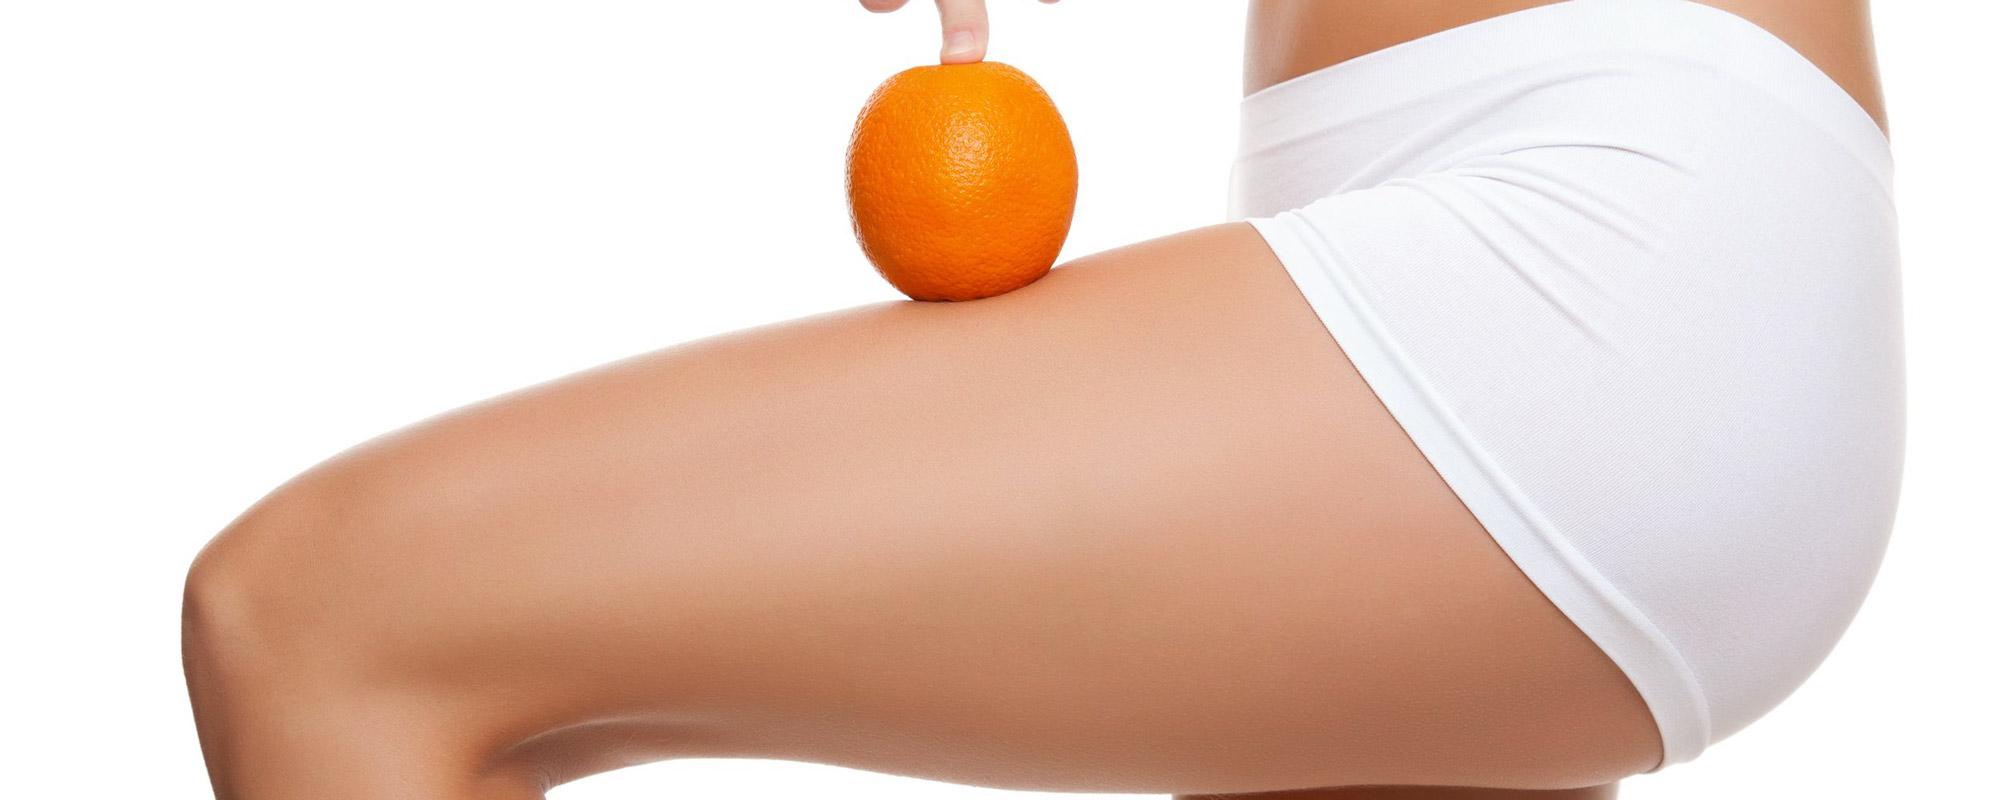 Cellulitebehandlung